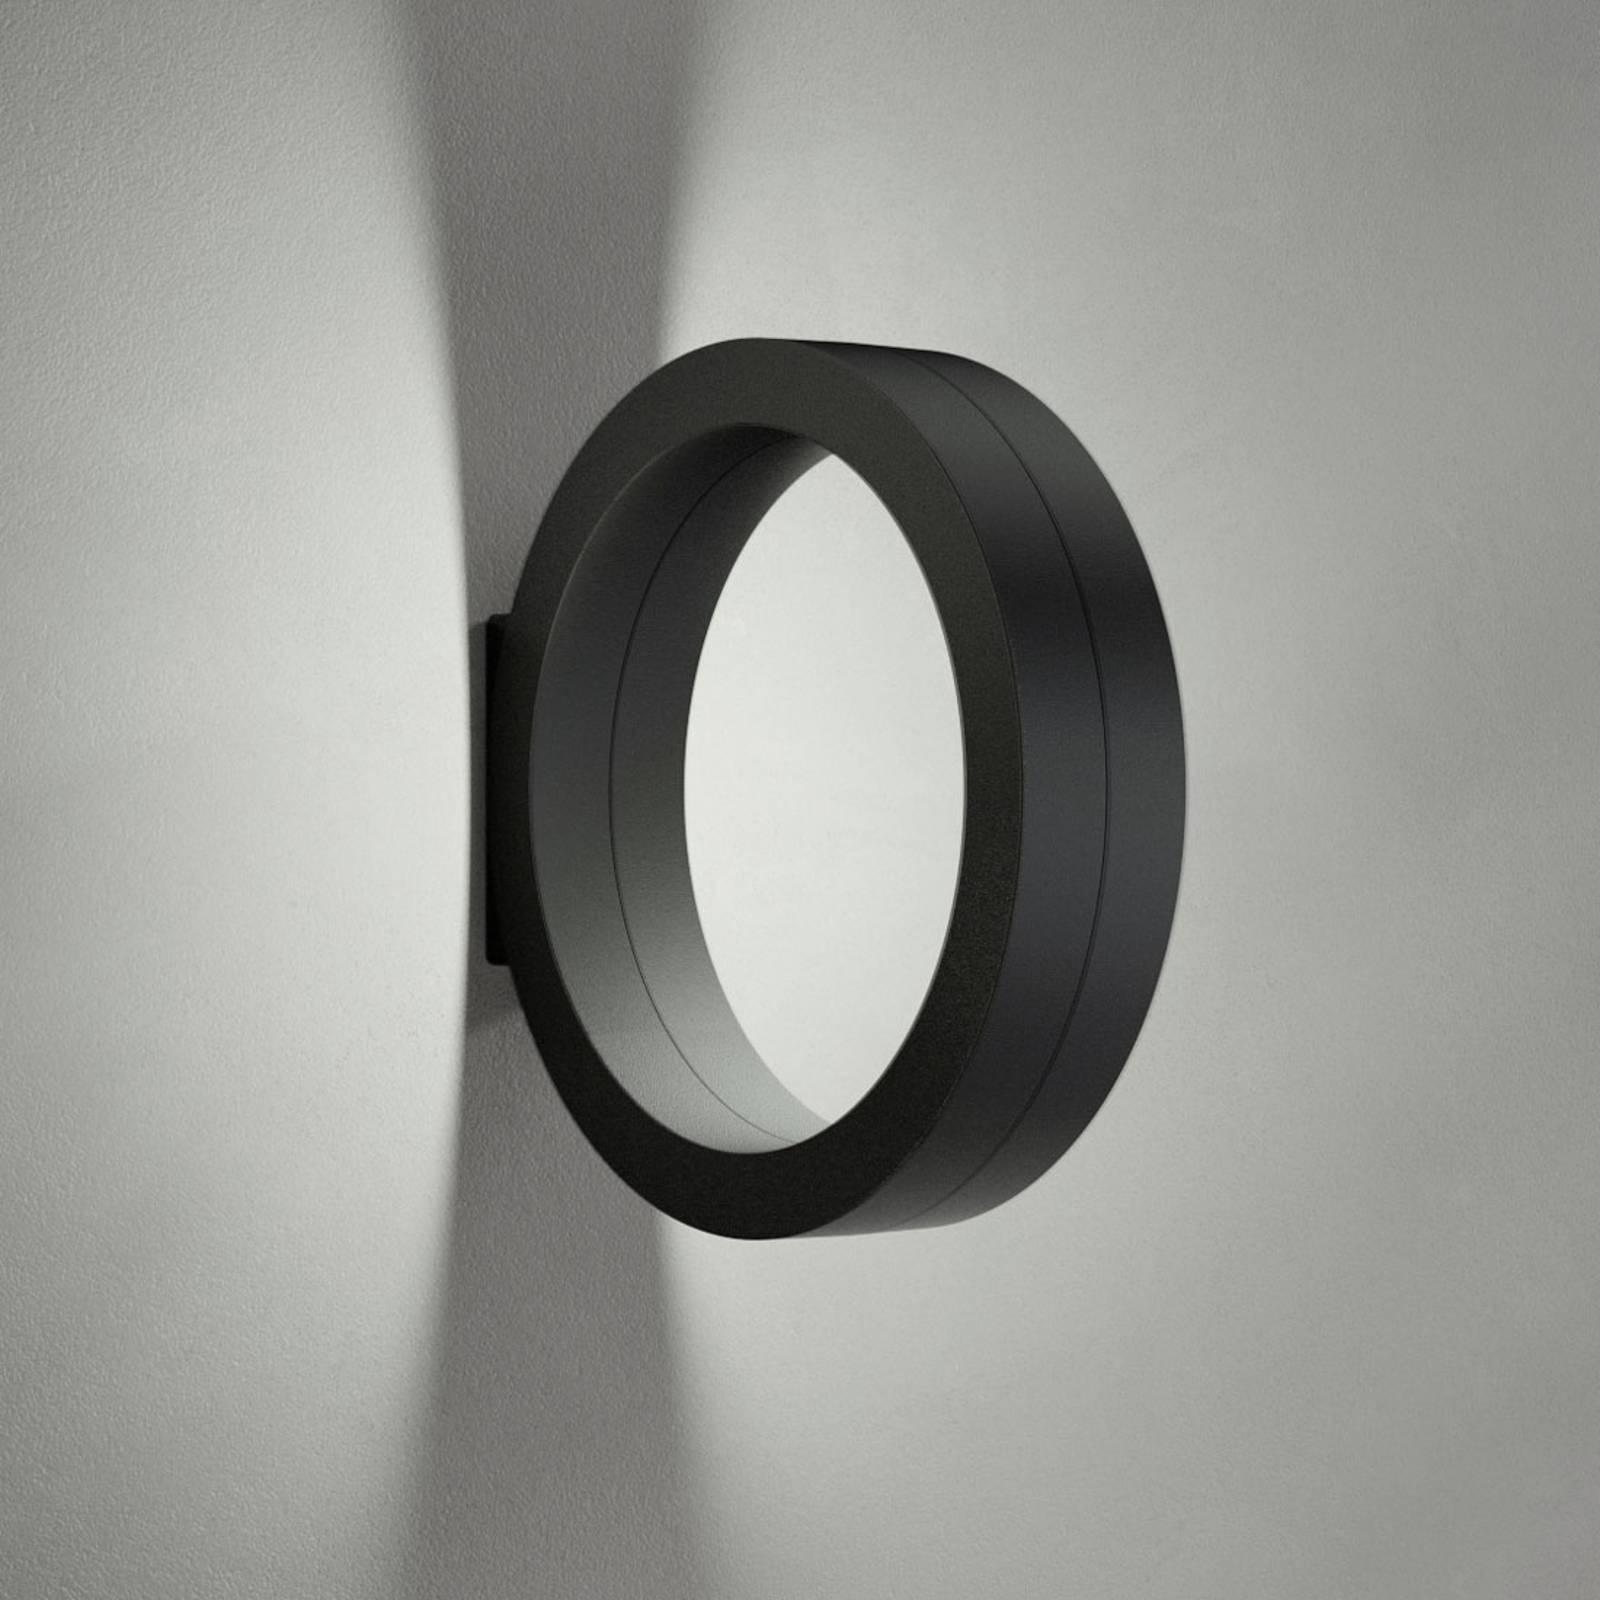 Applique LED Assolo en forme d'anneau, noire